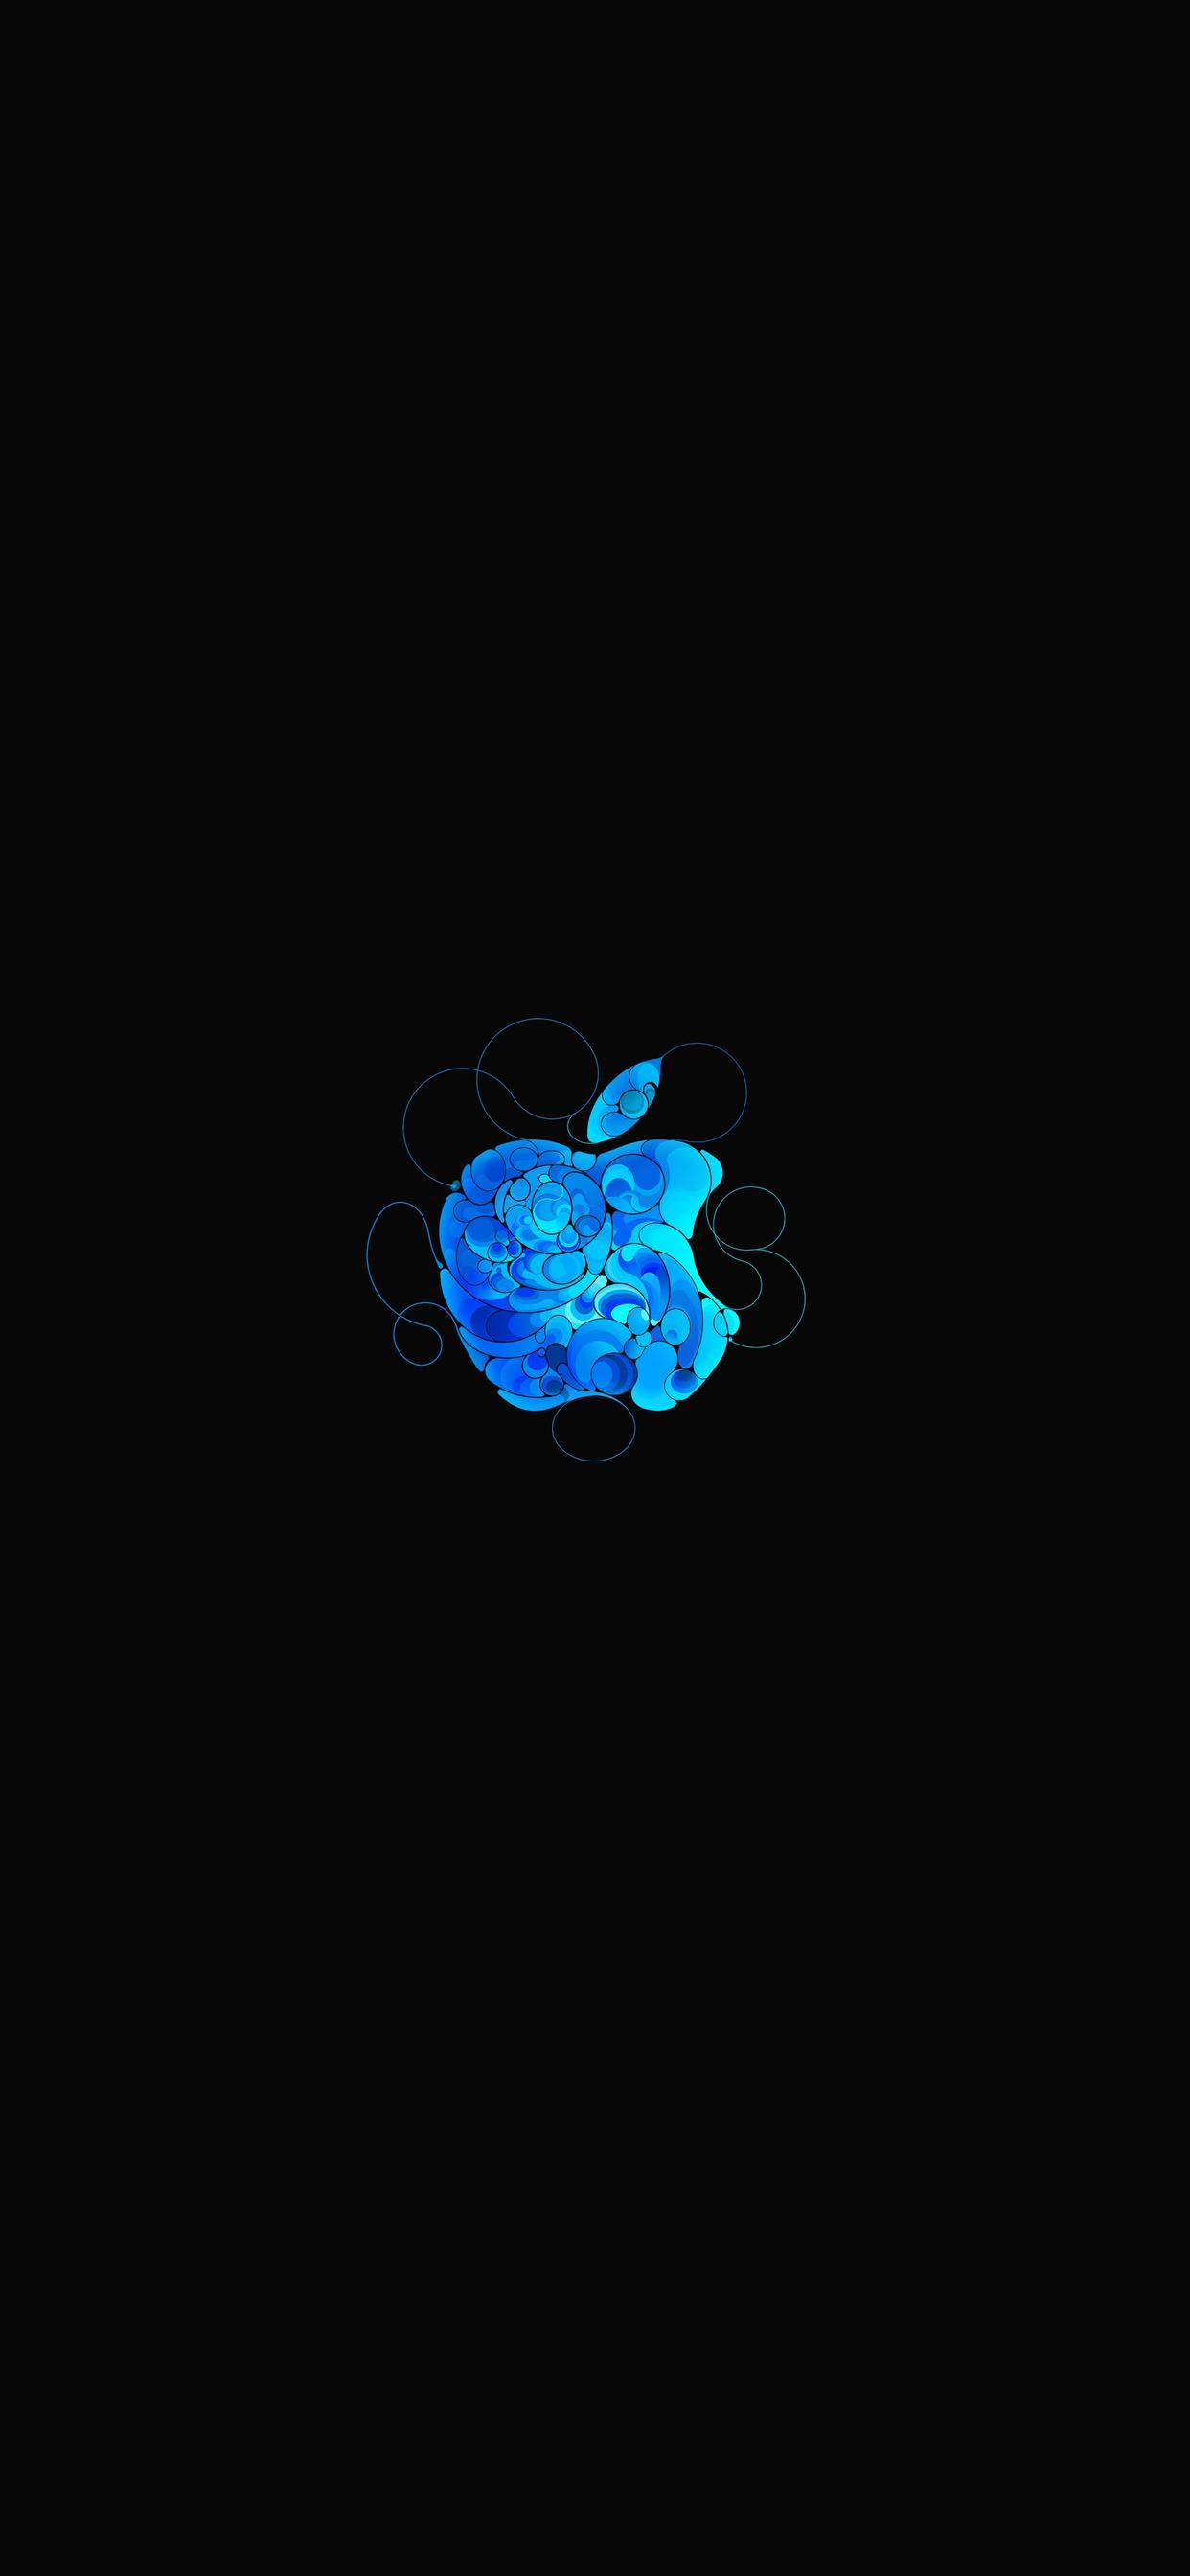 iPhone wallpaper apple logo 23 Fonds décran noirs avec le logo Apple en très haute résolution